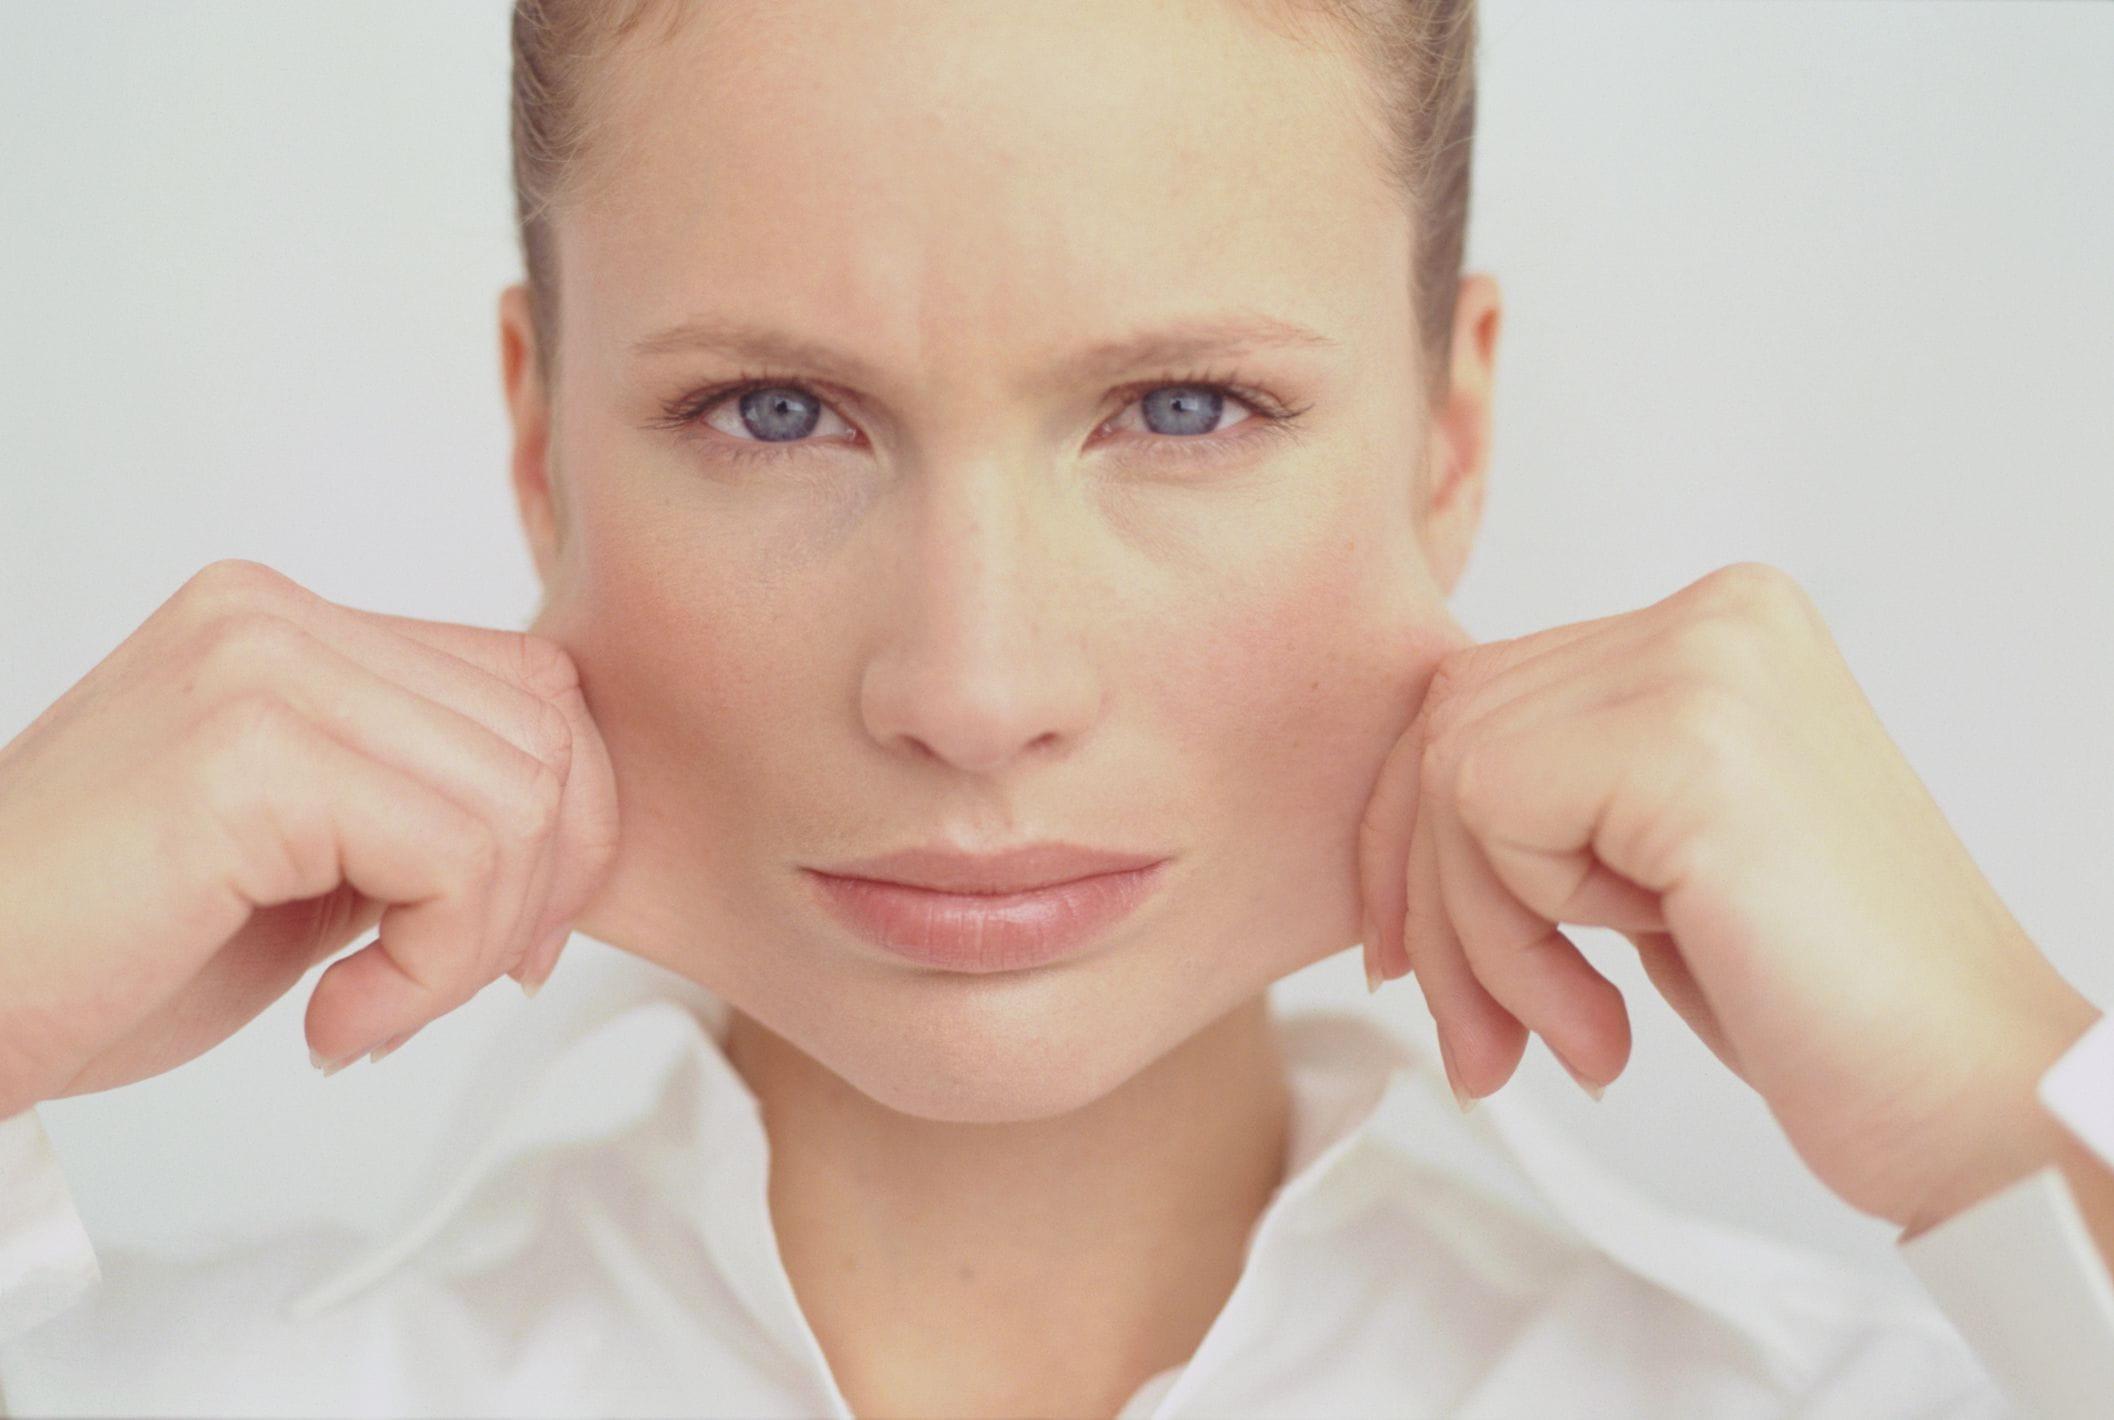 Риски и потенциальные осложнения после круговой подтяжки лица